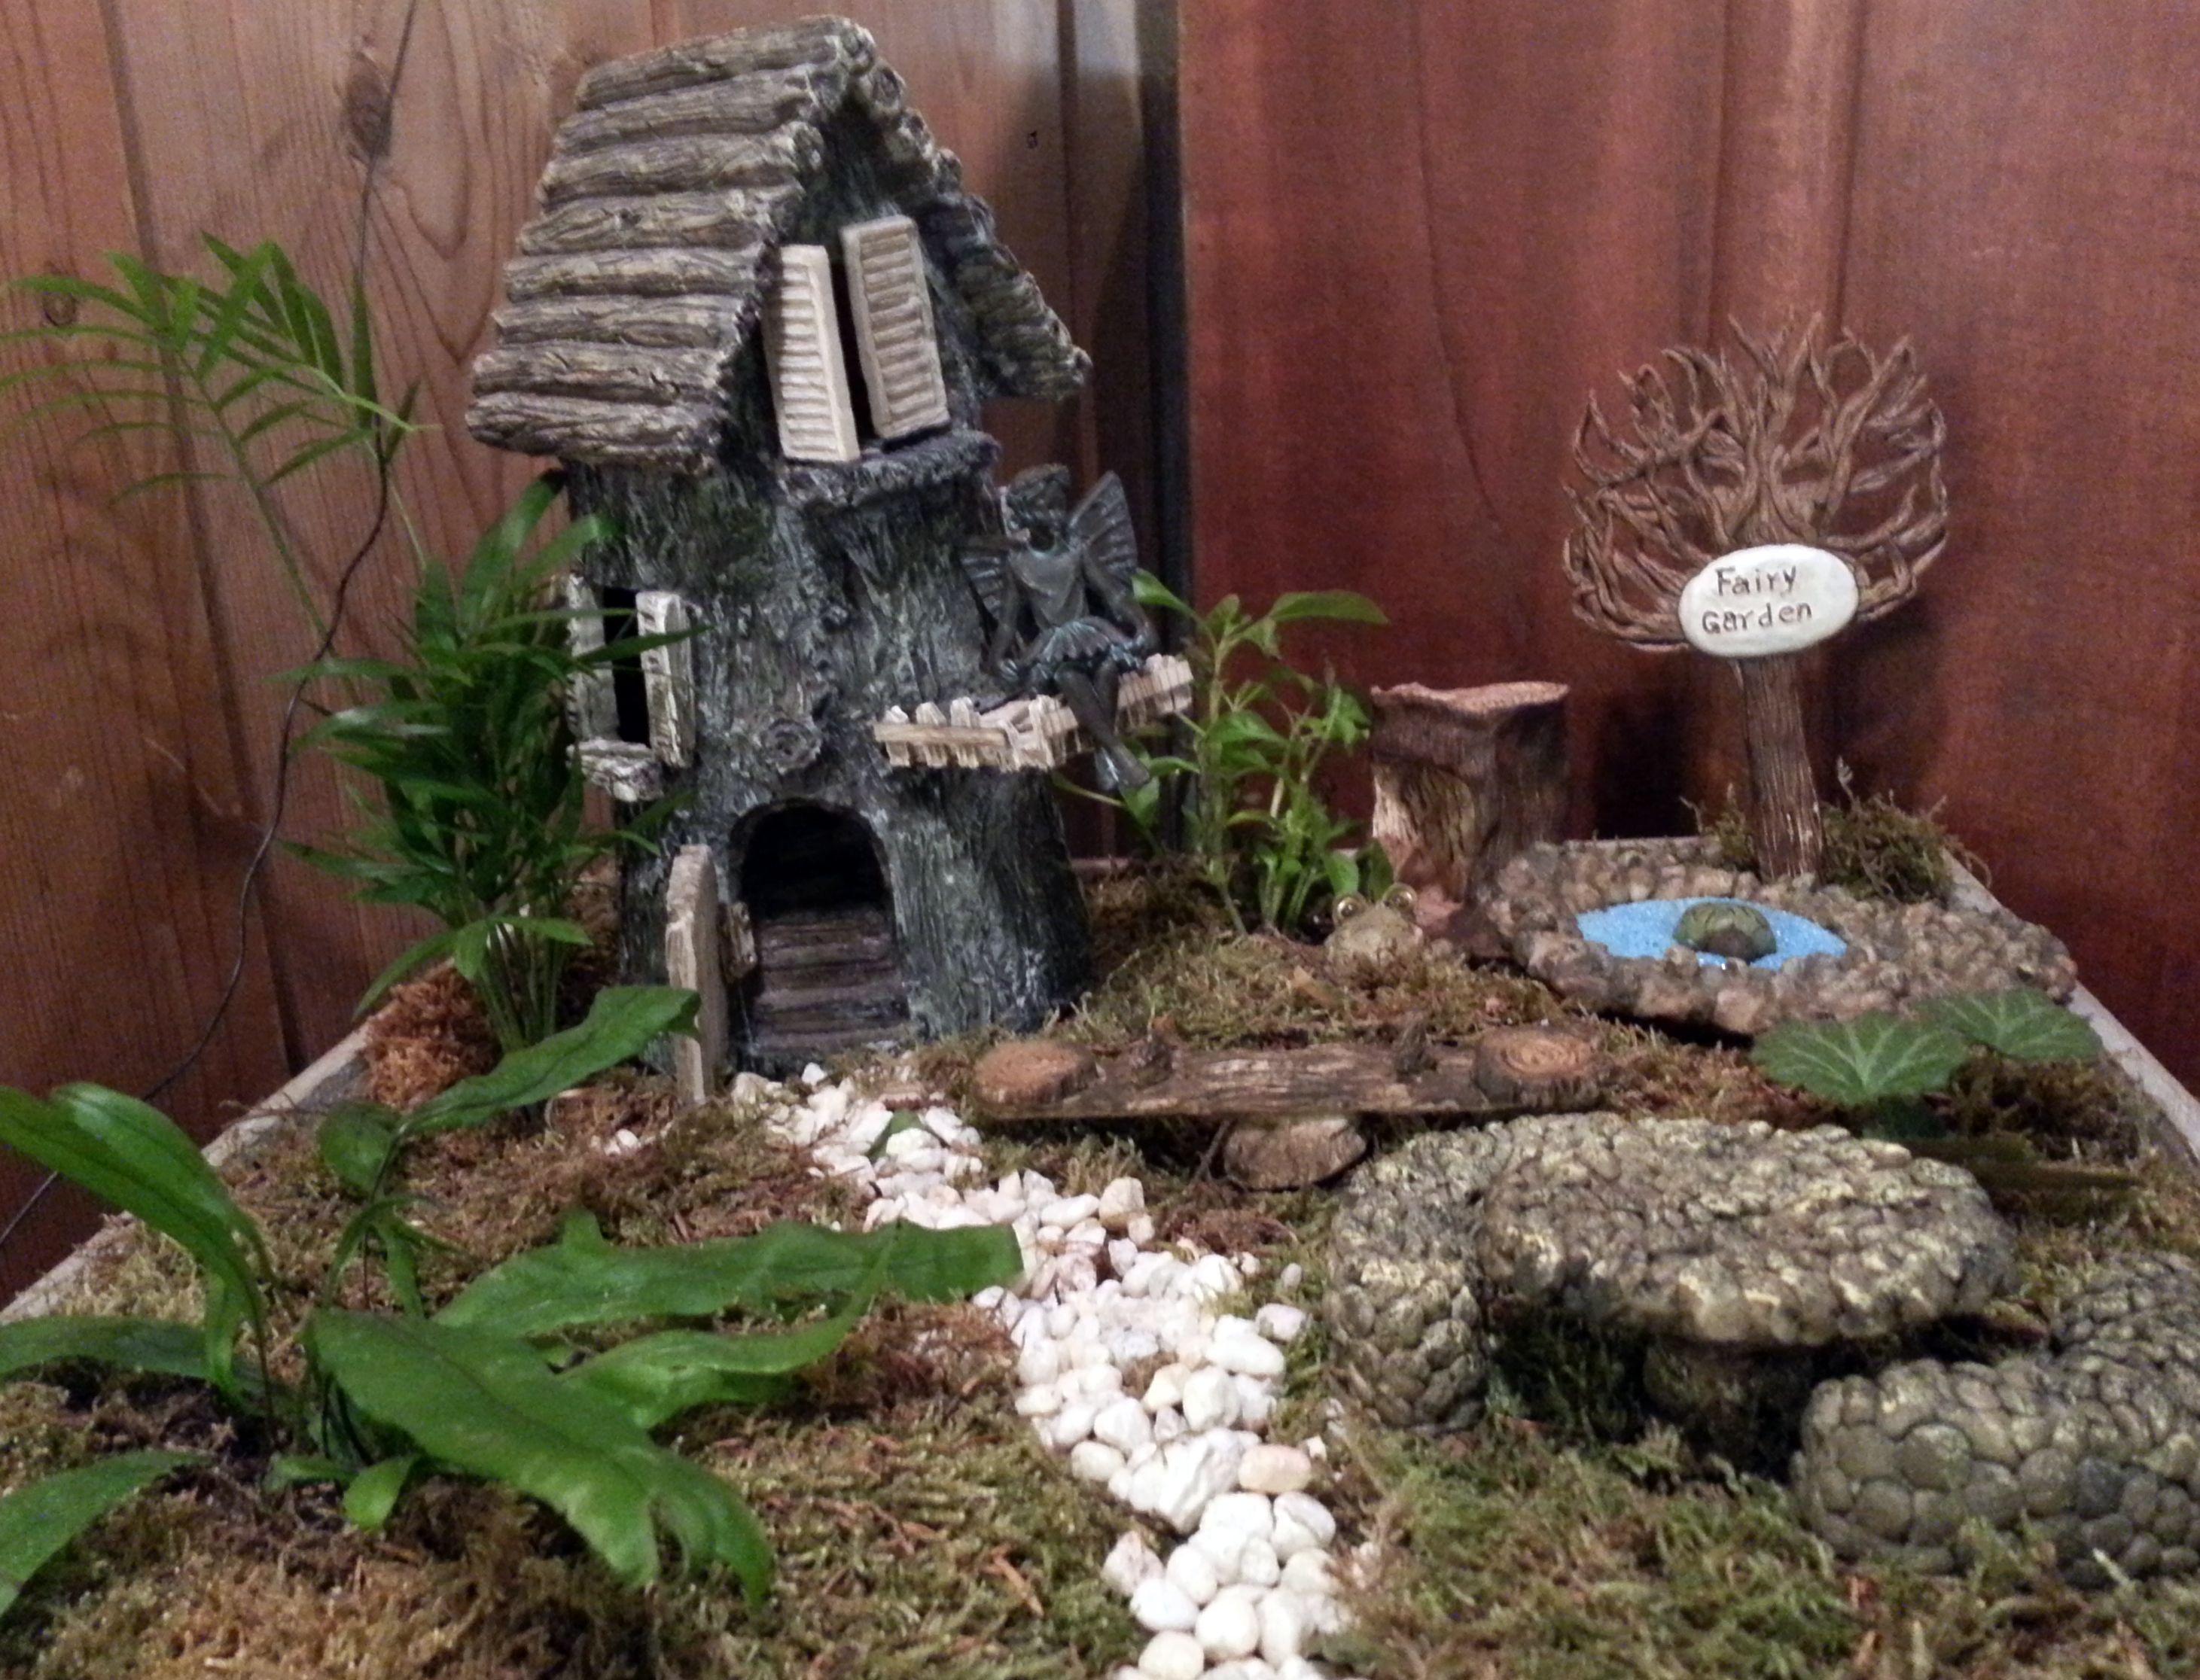 Fairy Garden Warm glow candles, Garden supplies, Candle